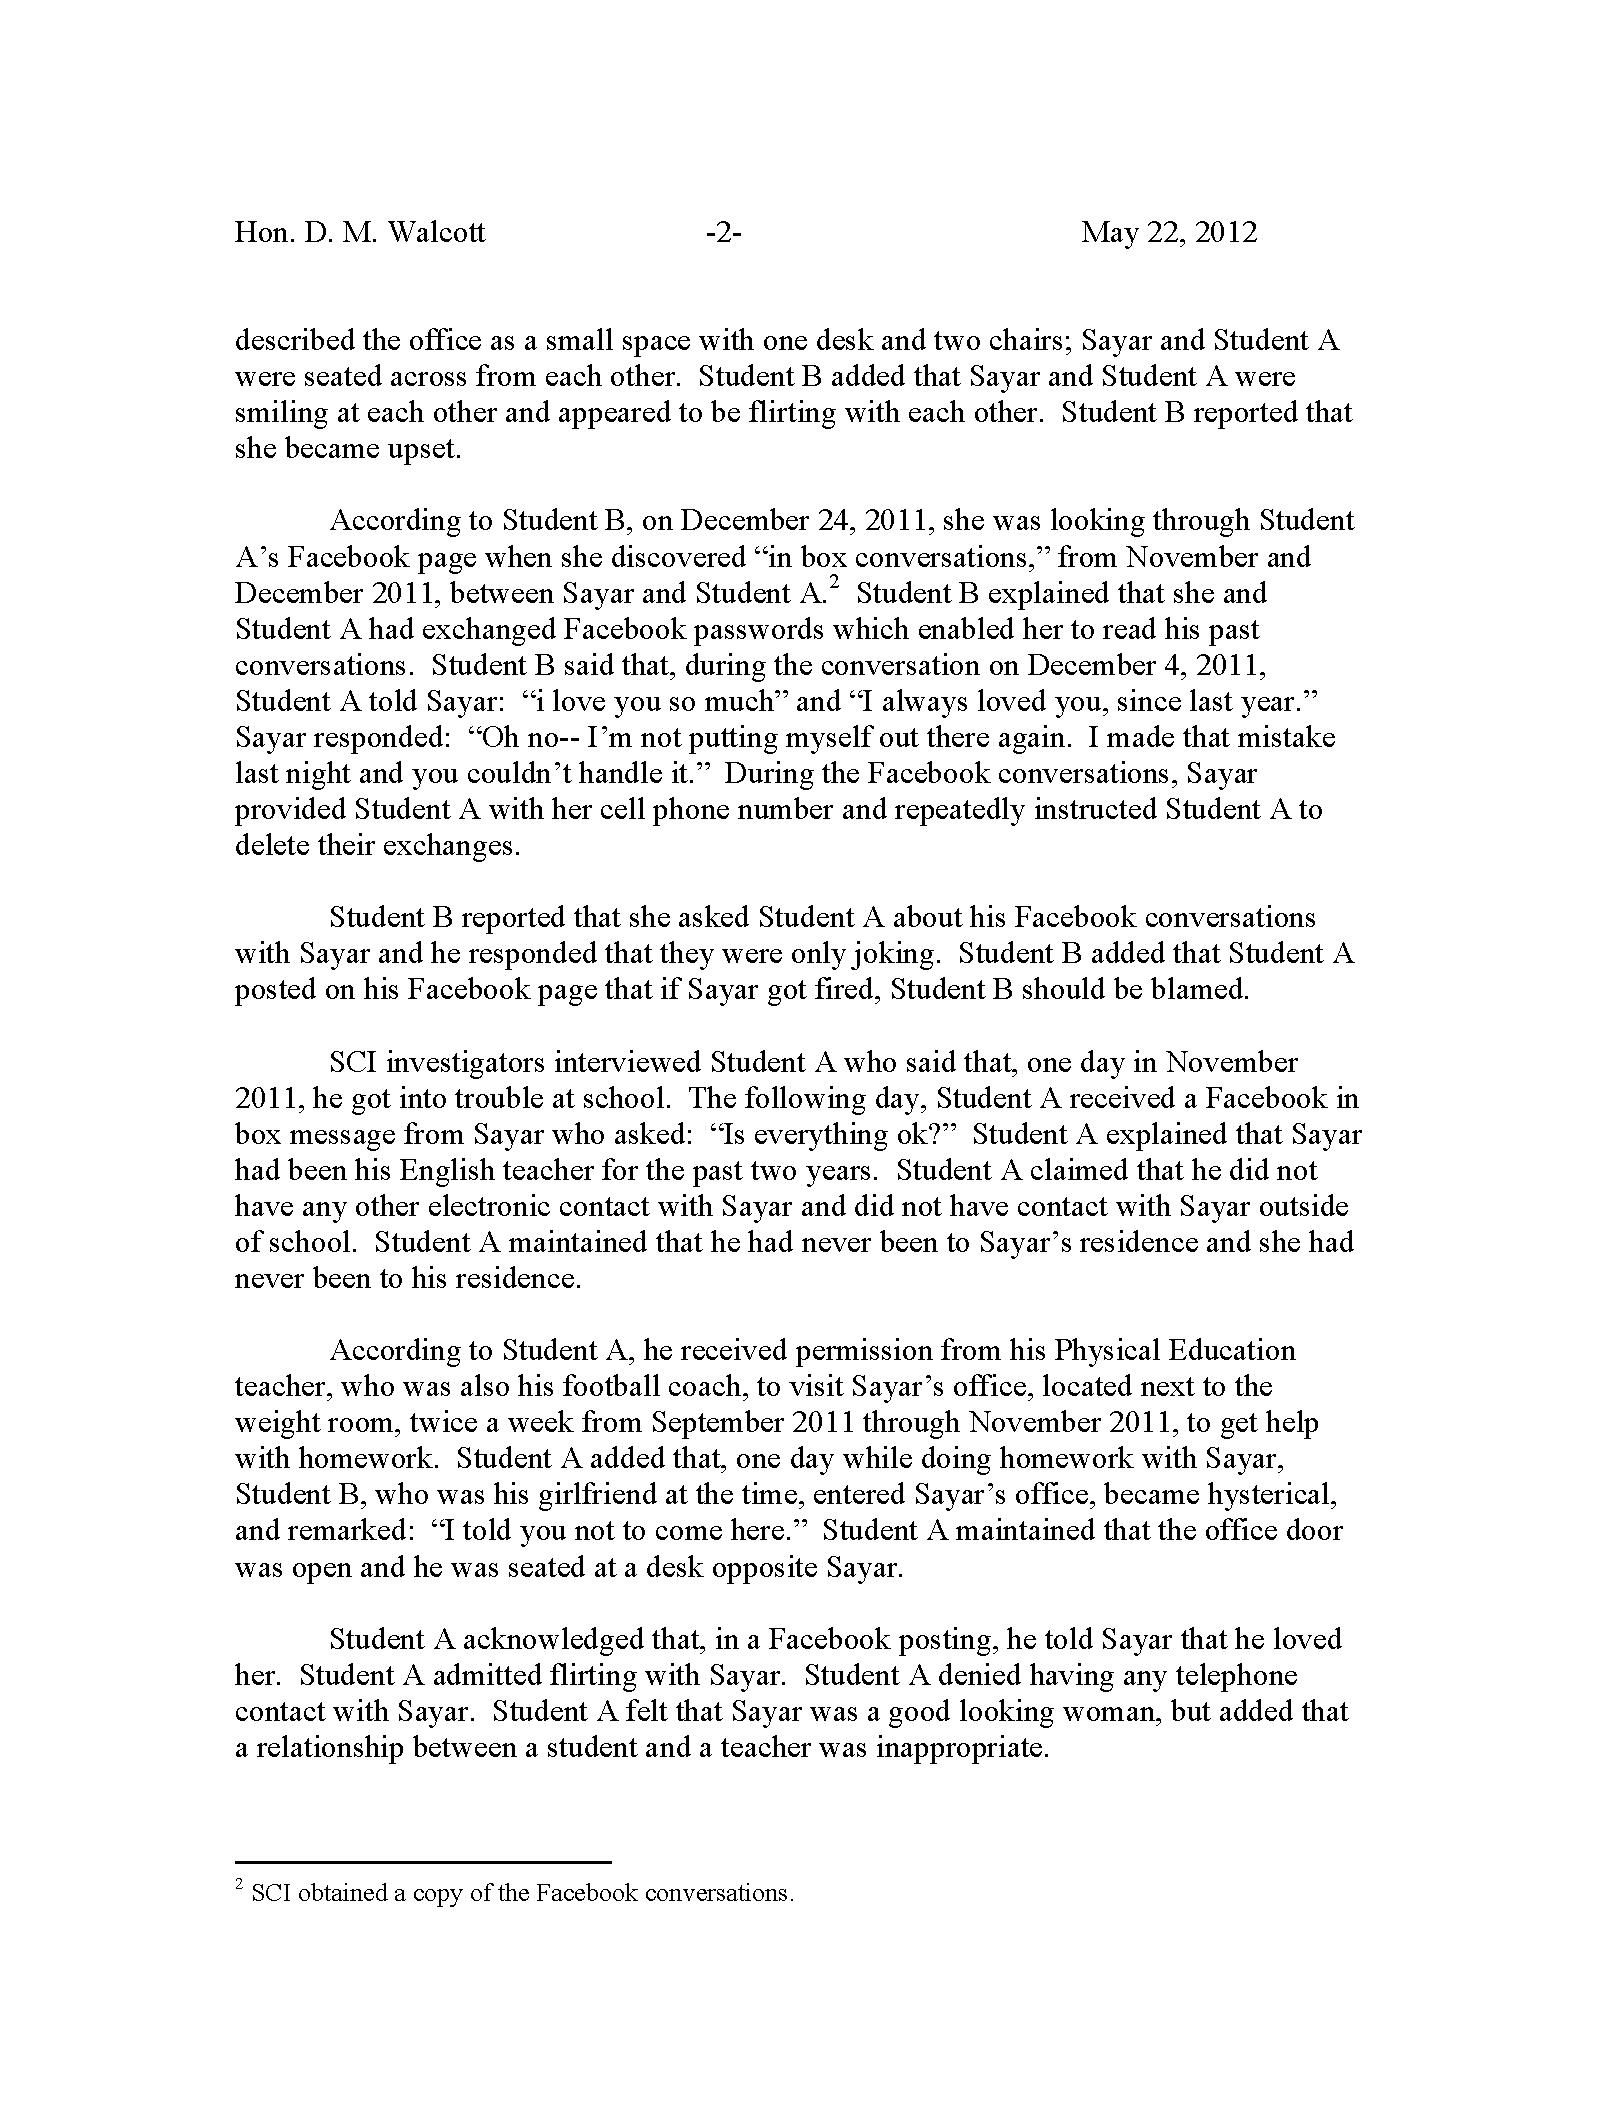 Copy of sayar erin investigative letter2.png